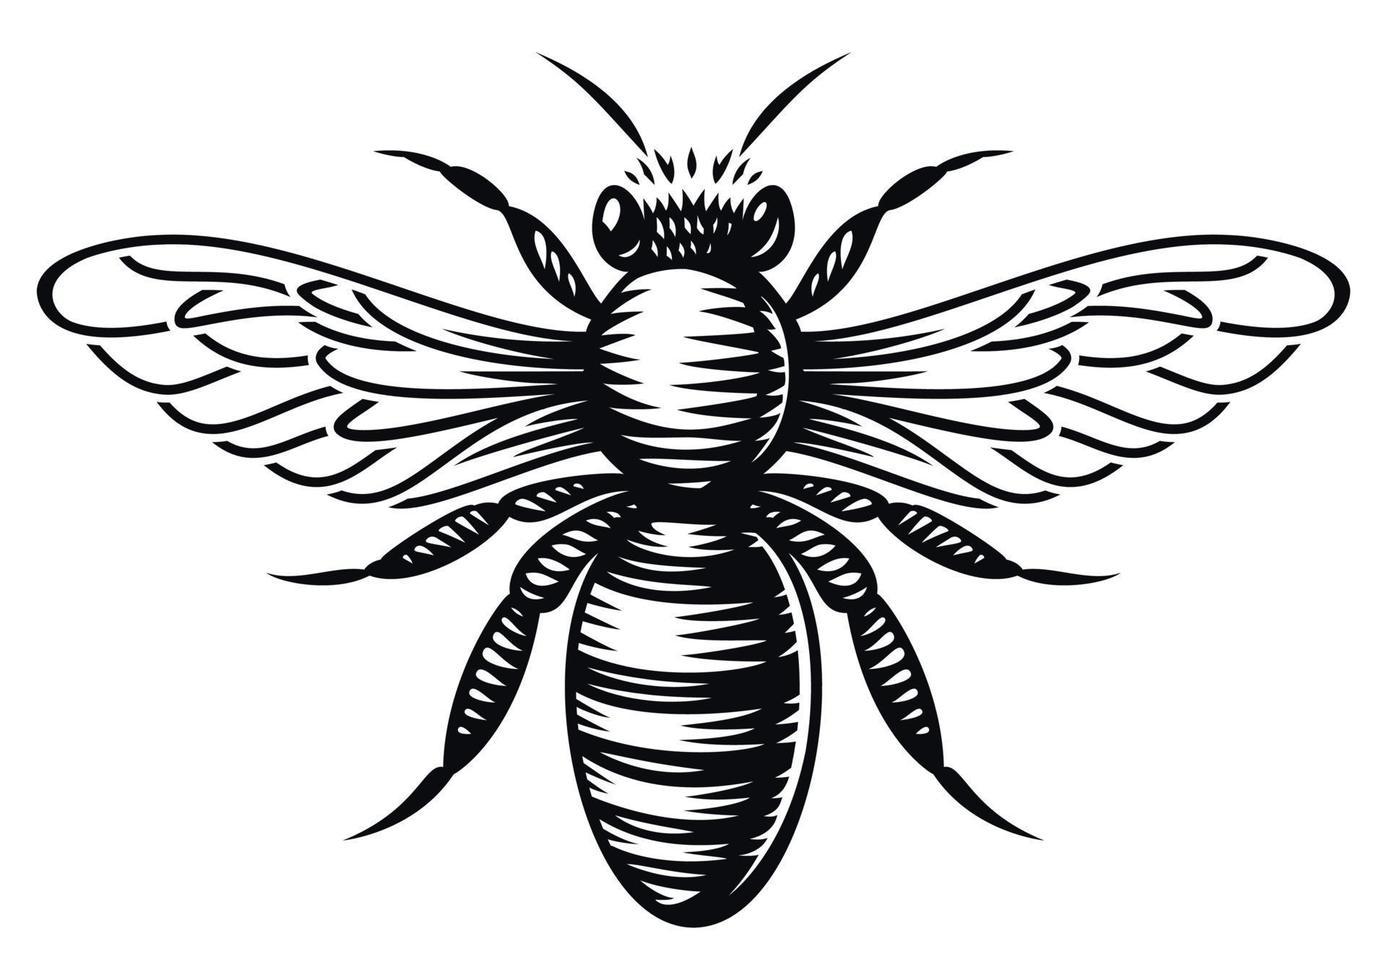 Schwarzweiss-Vektorhonigbiene im Gravurstil auf weißem Hintergrund vektor